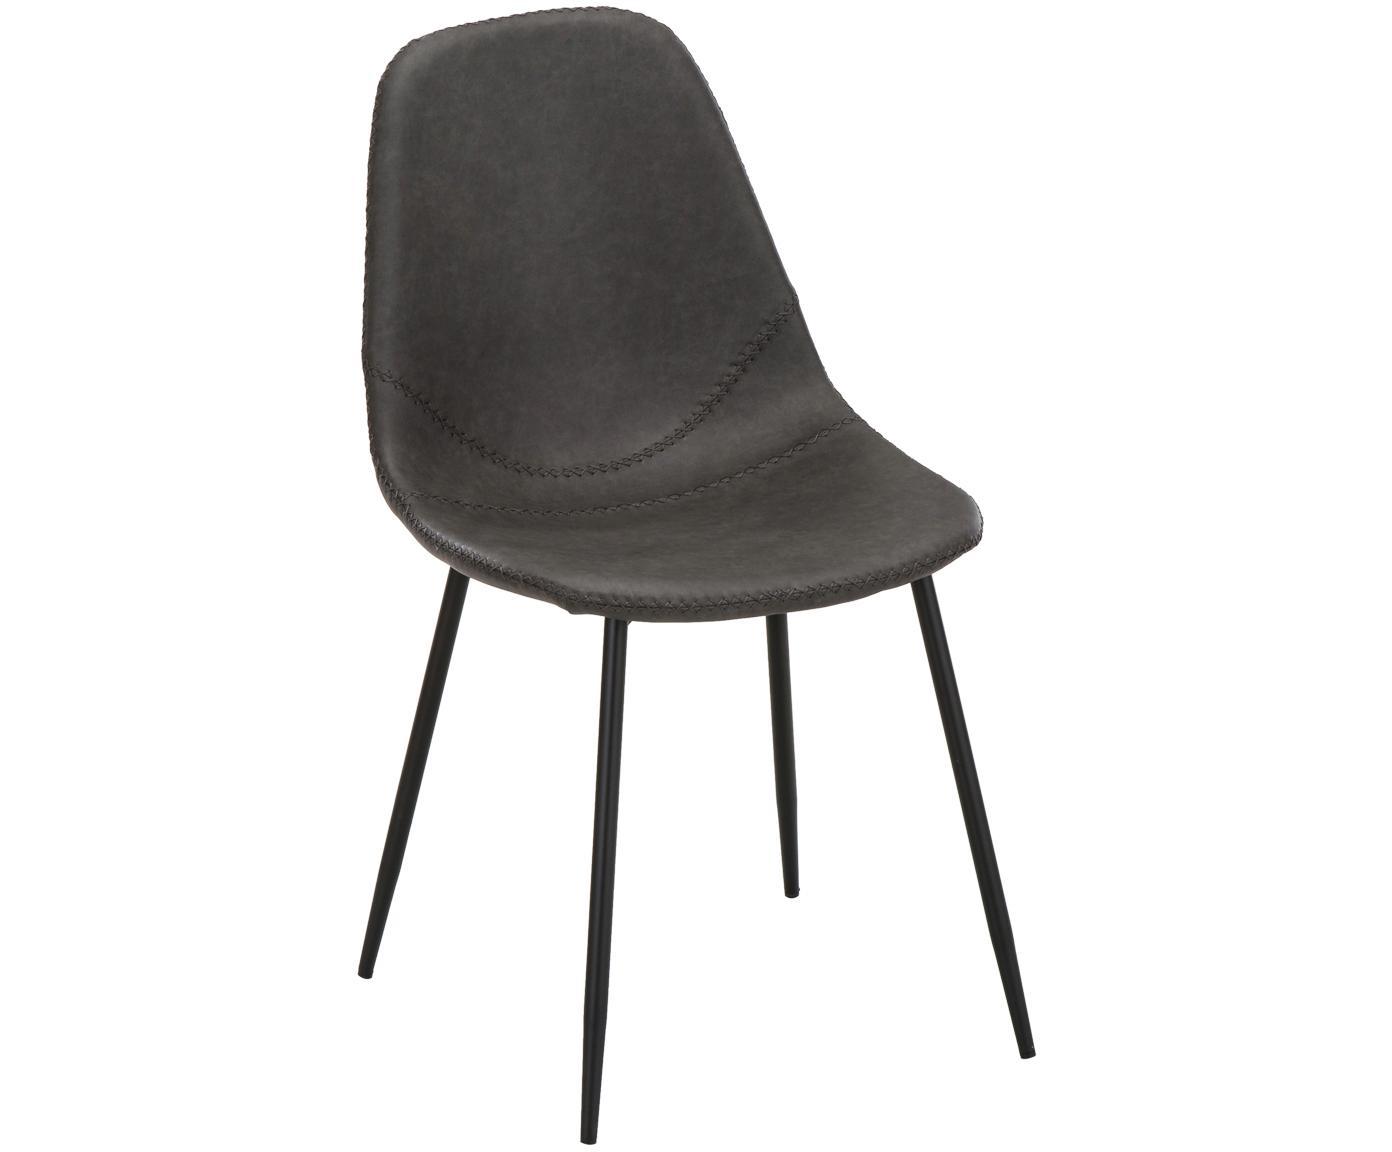 Krzesło tapicerowane ze sztucznej skóry  Linus, 2 szt., Tapicerka: sztuczna skóra (65% polie, Tapicerka: pianka, Nogi: metal malowany proszkowo, Tapicerka: ciemny szary Nogi: czarny, matowy, S 41 x G 53 cm